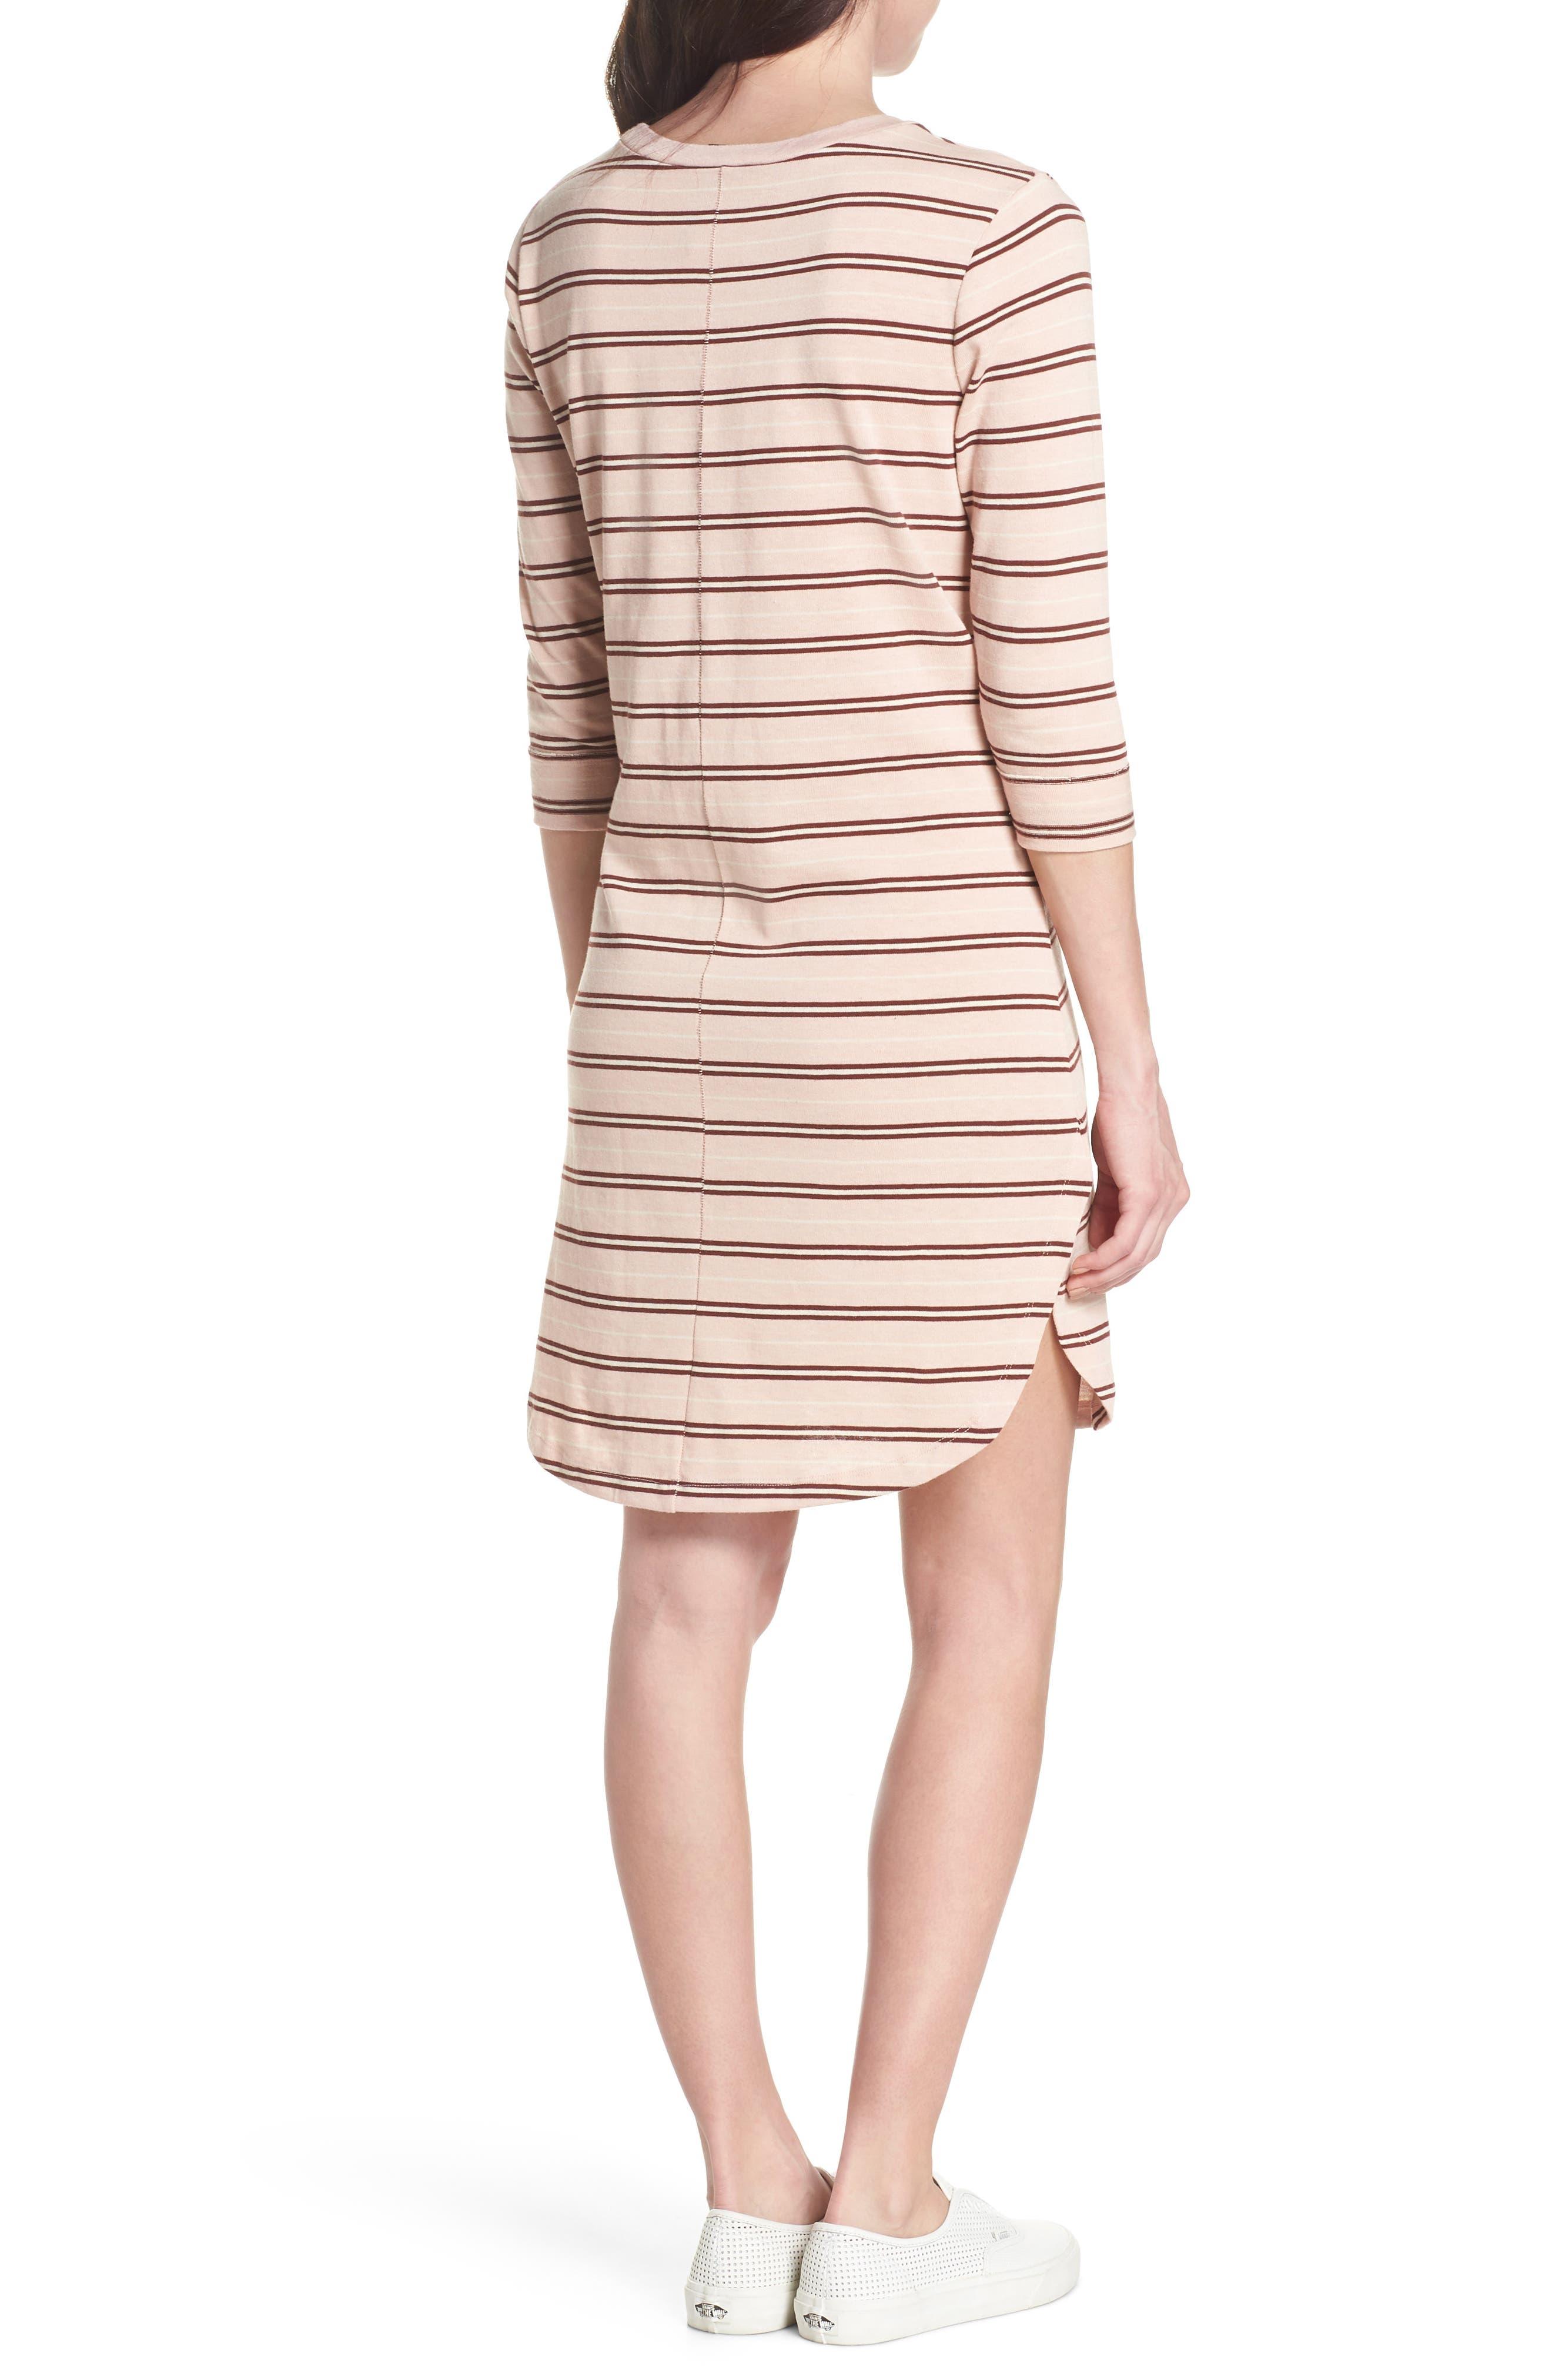 Saul Tunic Dress,                             Alternate thumbnail 2, color,                             650